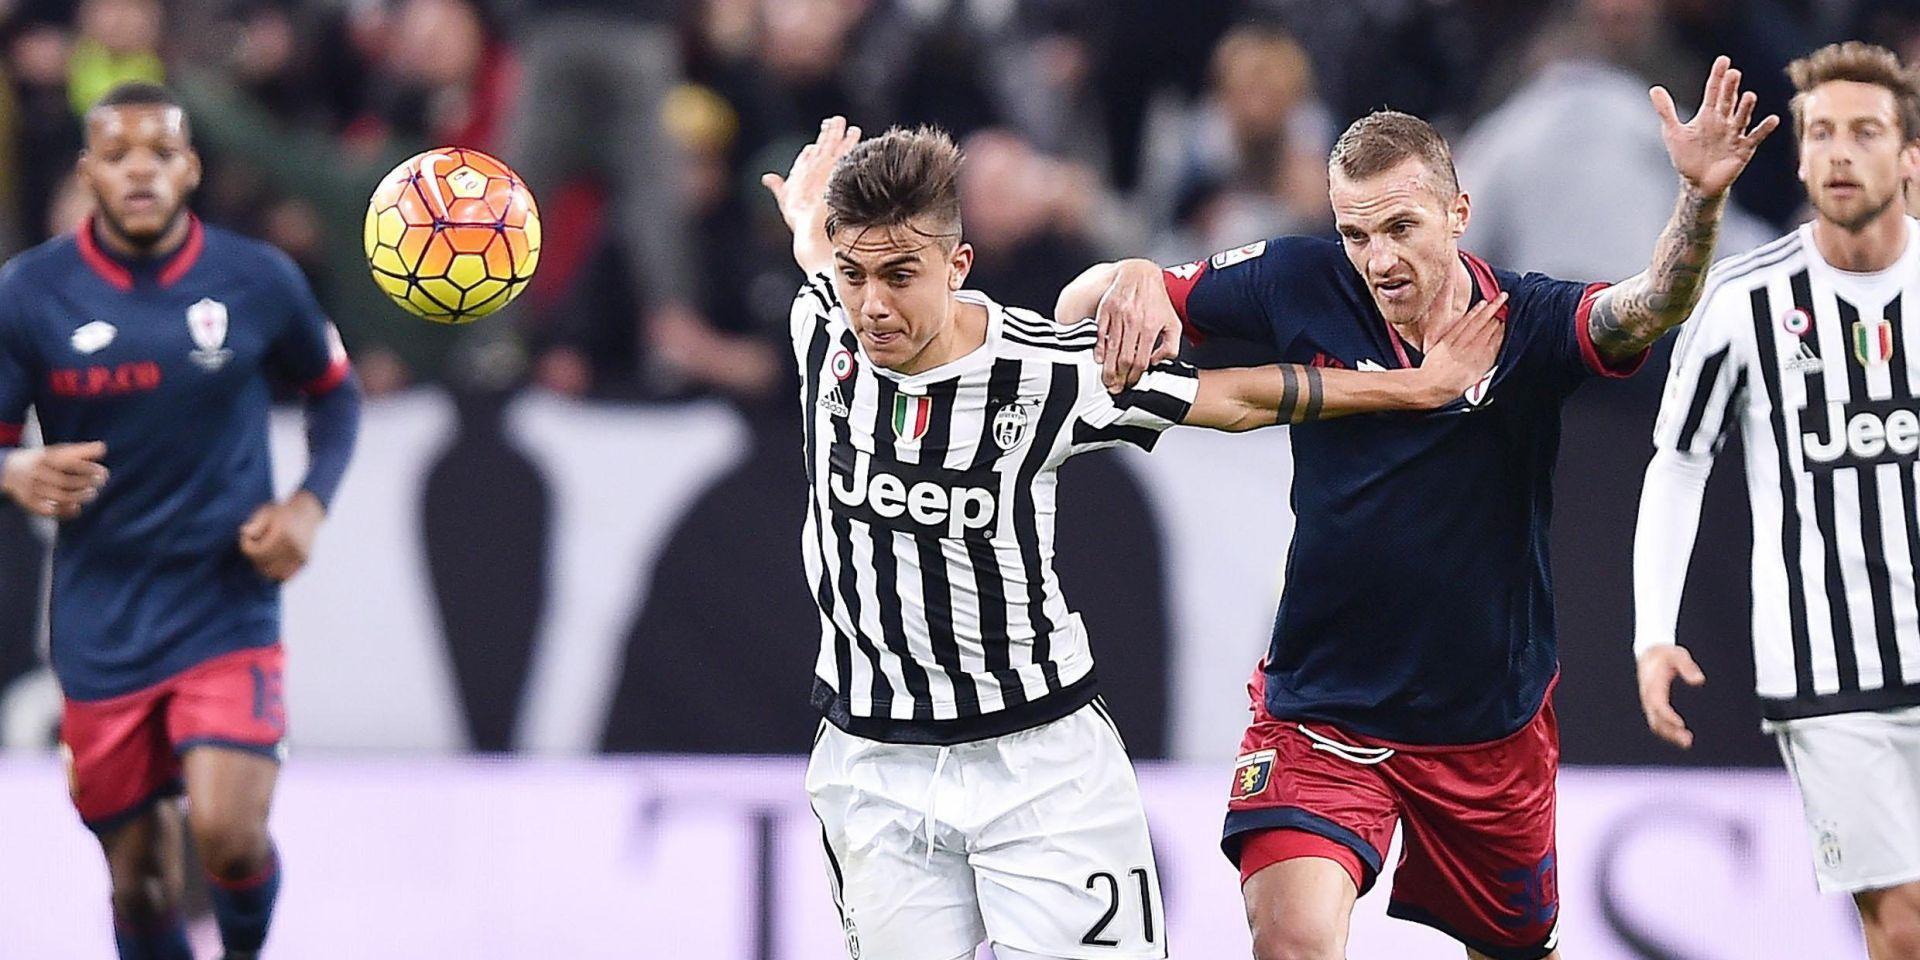 SERIE A Vodeće momčadi upisale pobjede, Juventus autogolom do 13. uzastopnog ligaškog slavlja